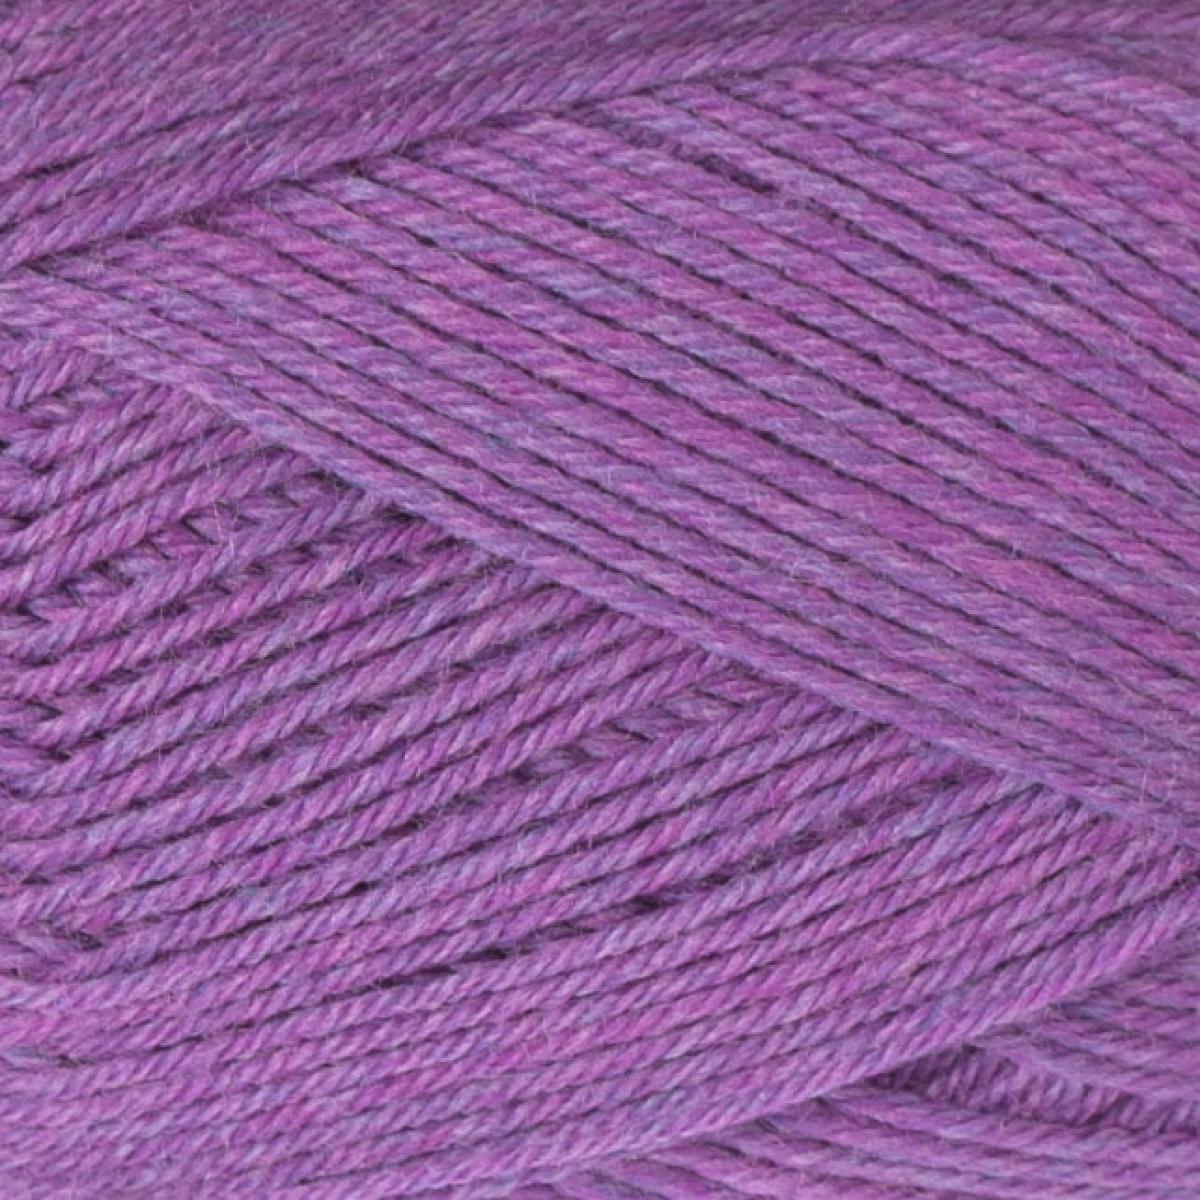 strikkestreger